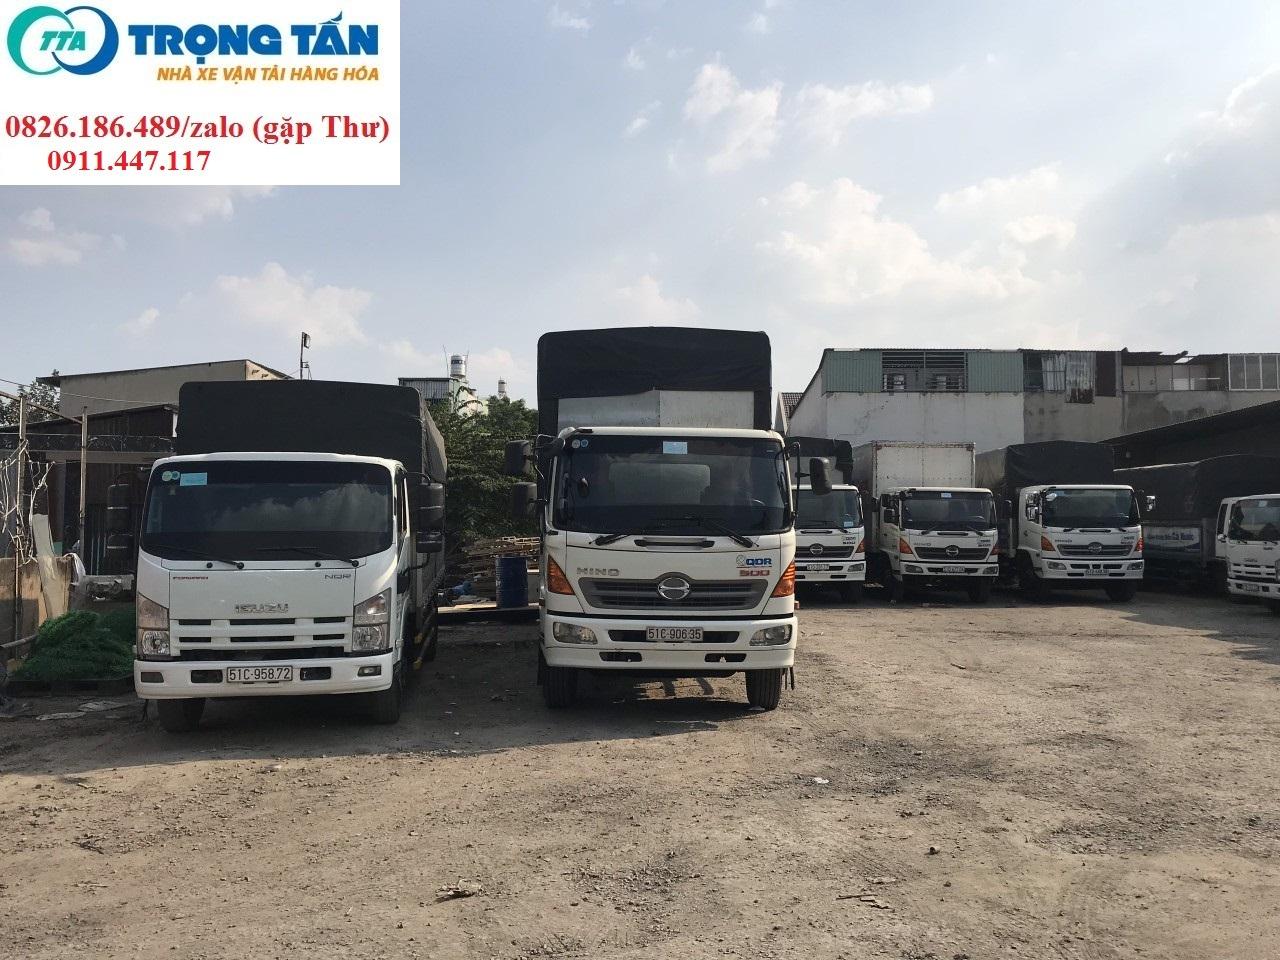 Chành xe ghép hàng đi Kiên Giang